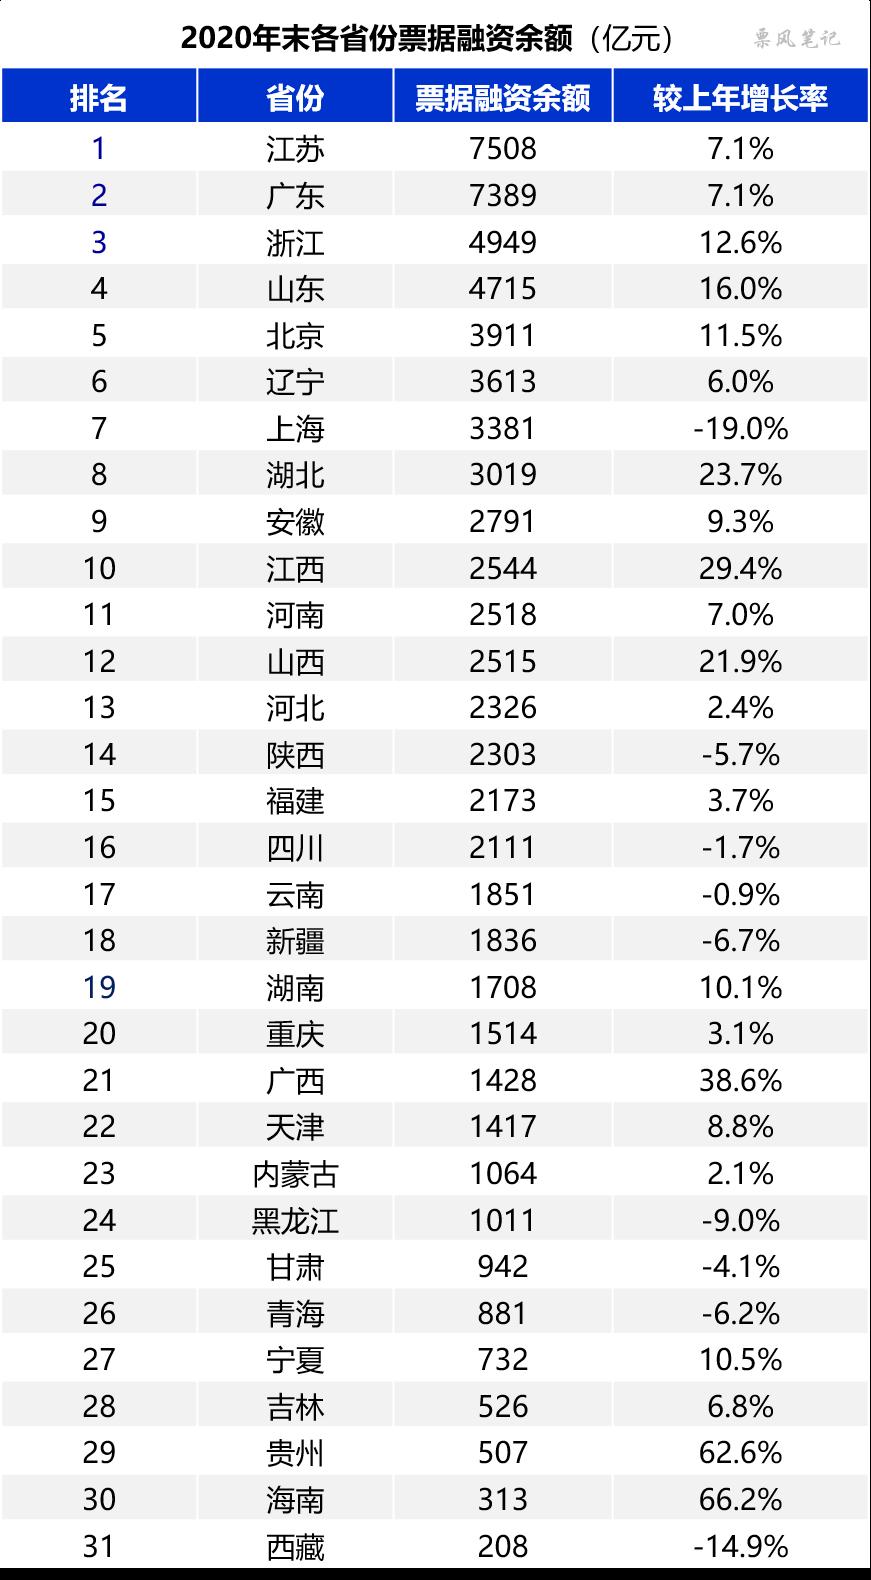 2020年各省票据贴现规模排行榜